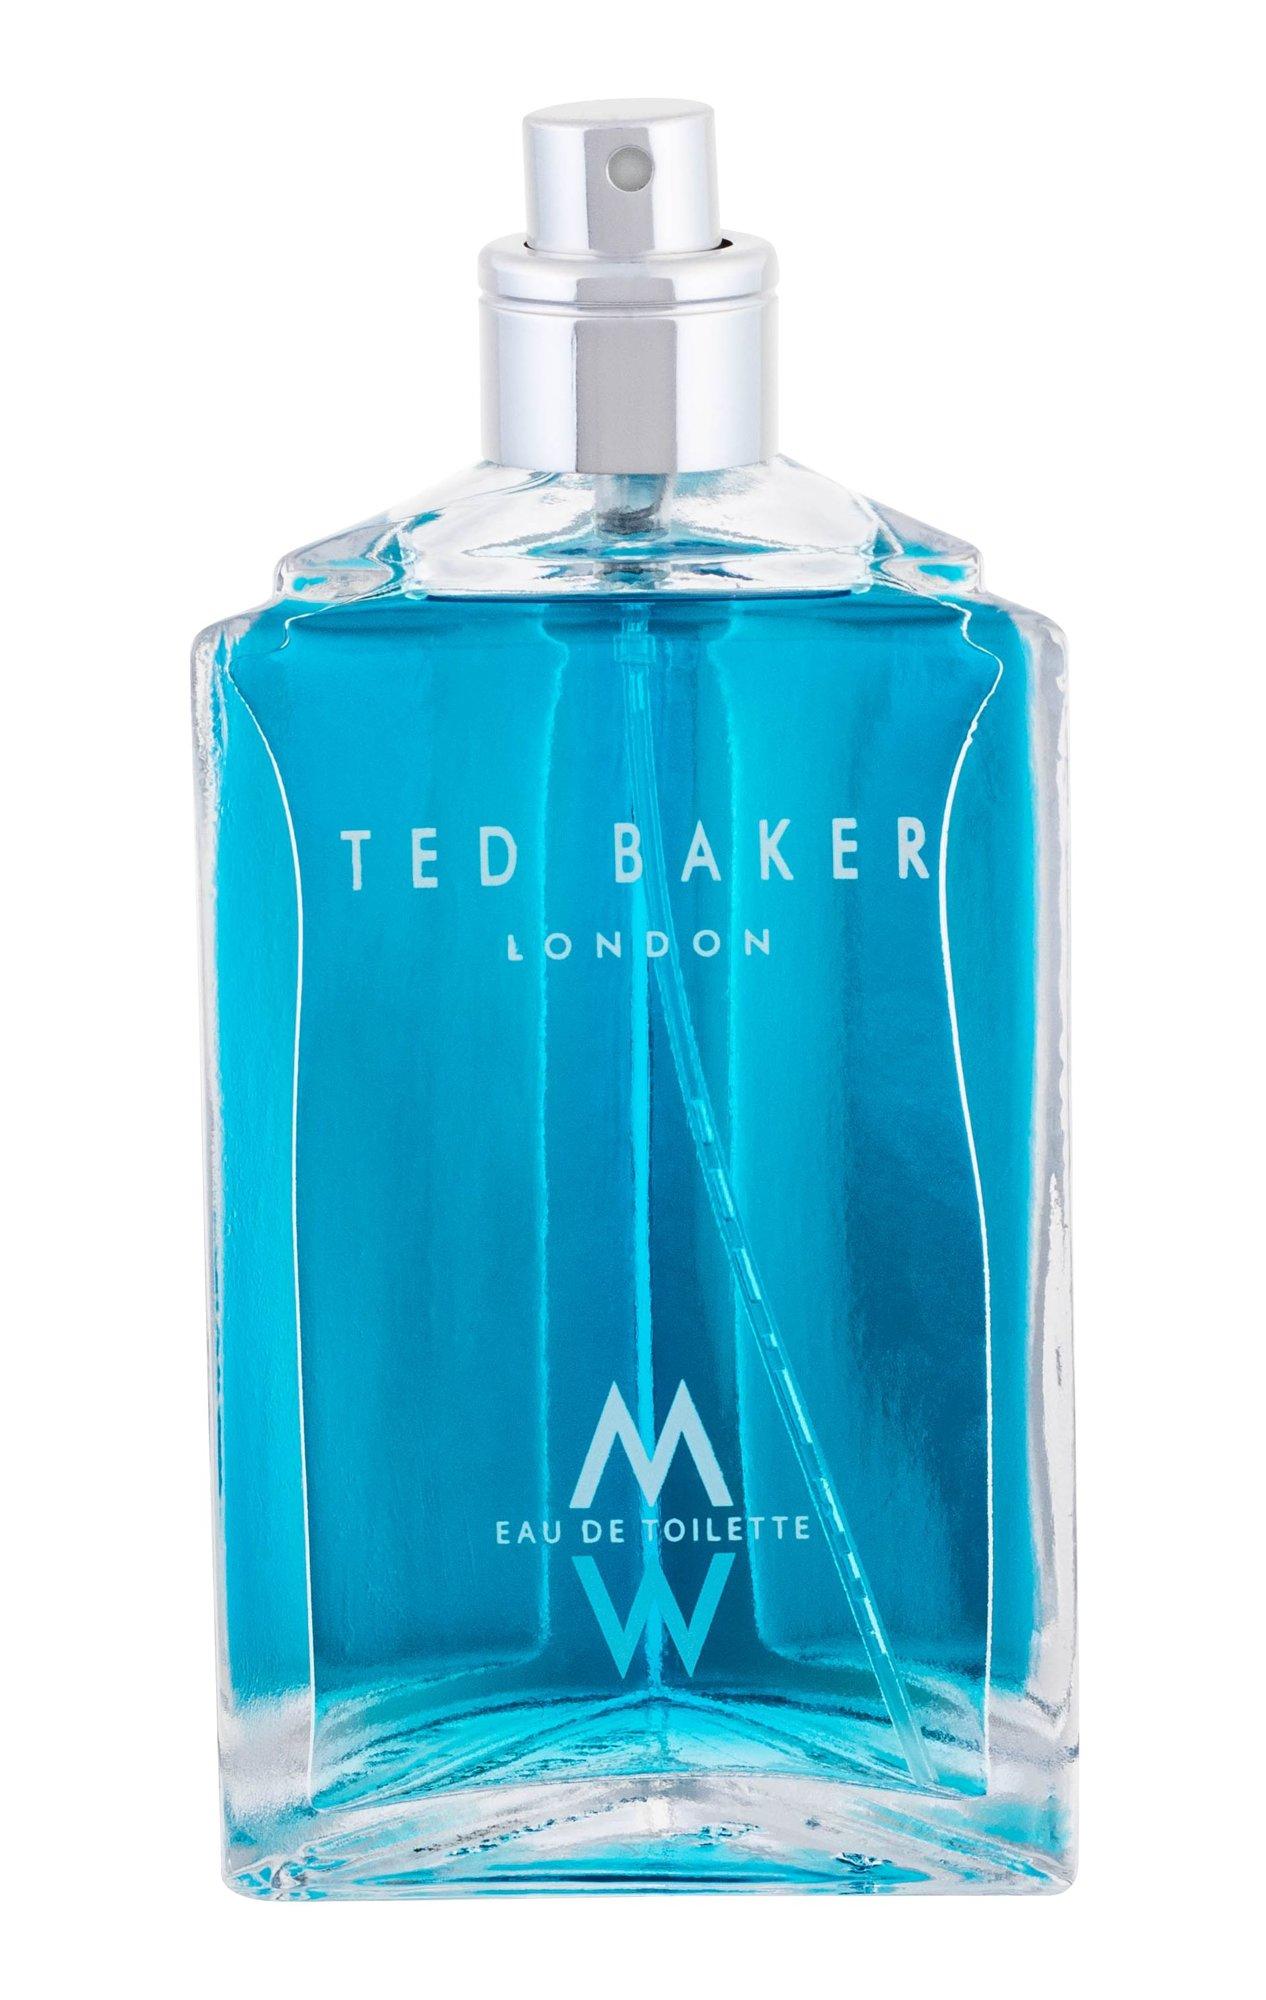 Ted Baker M EDT 75ml